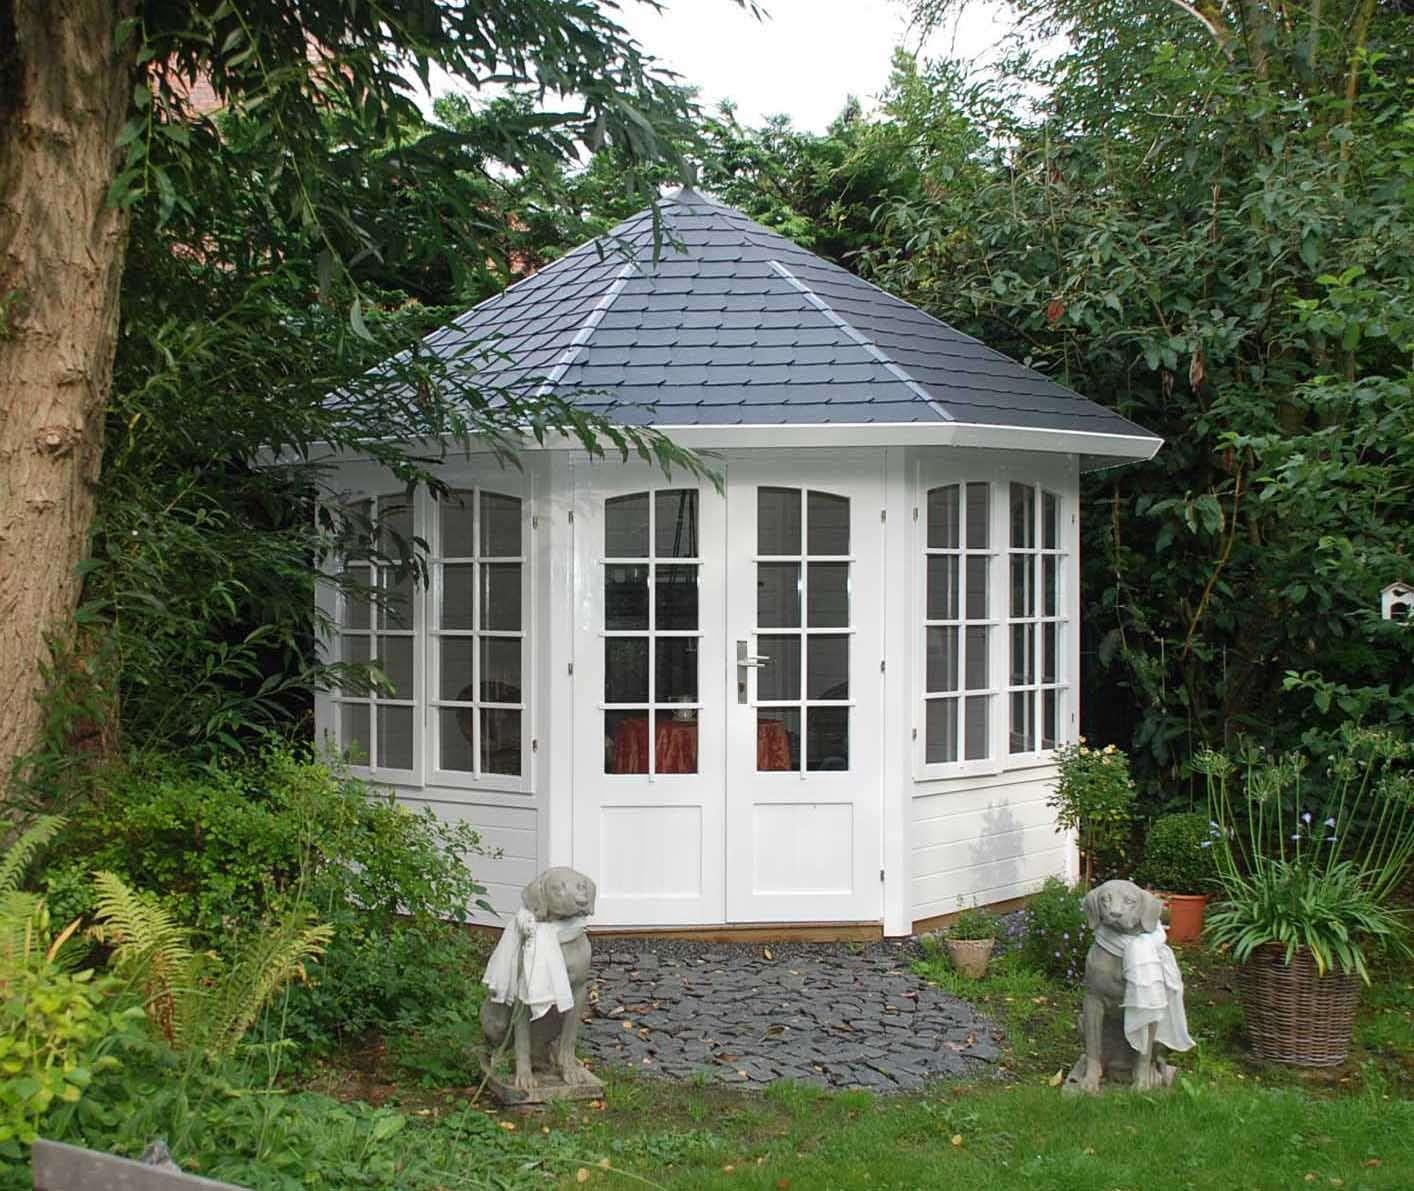 Gartenpavillon aus Holz kaufen – Gartenlauben vom Fachmann